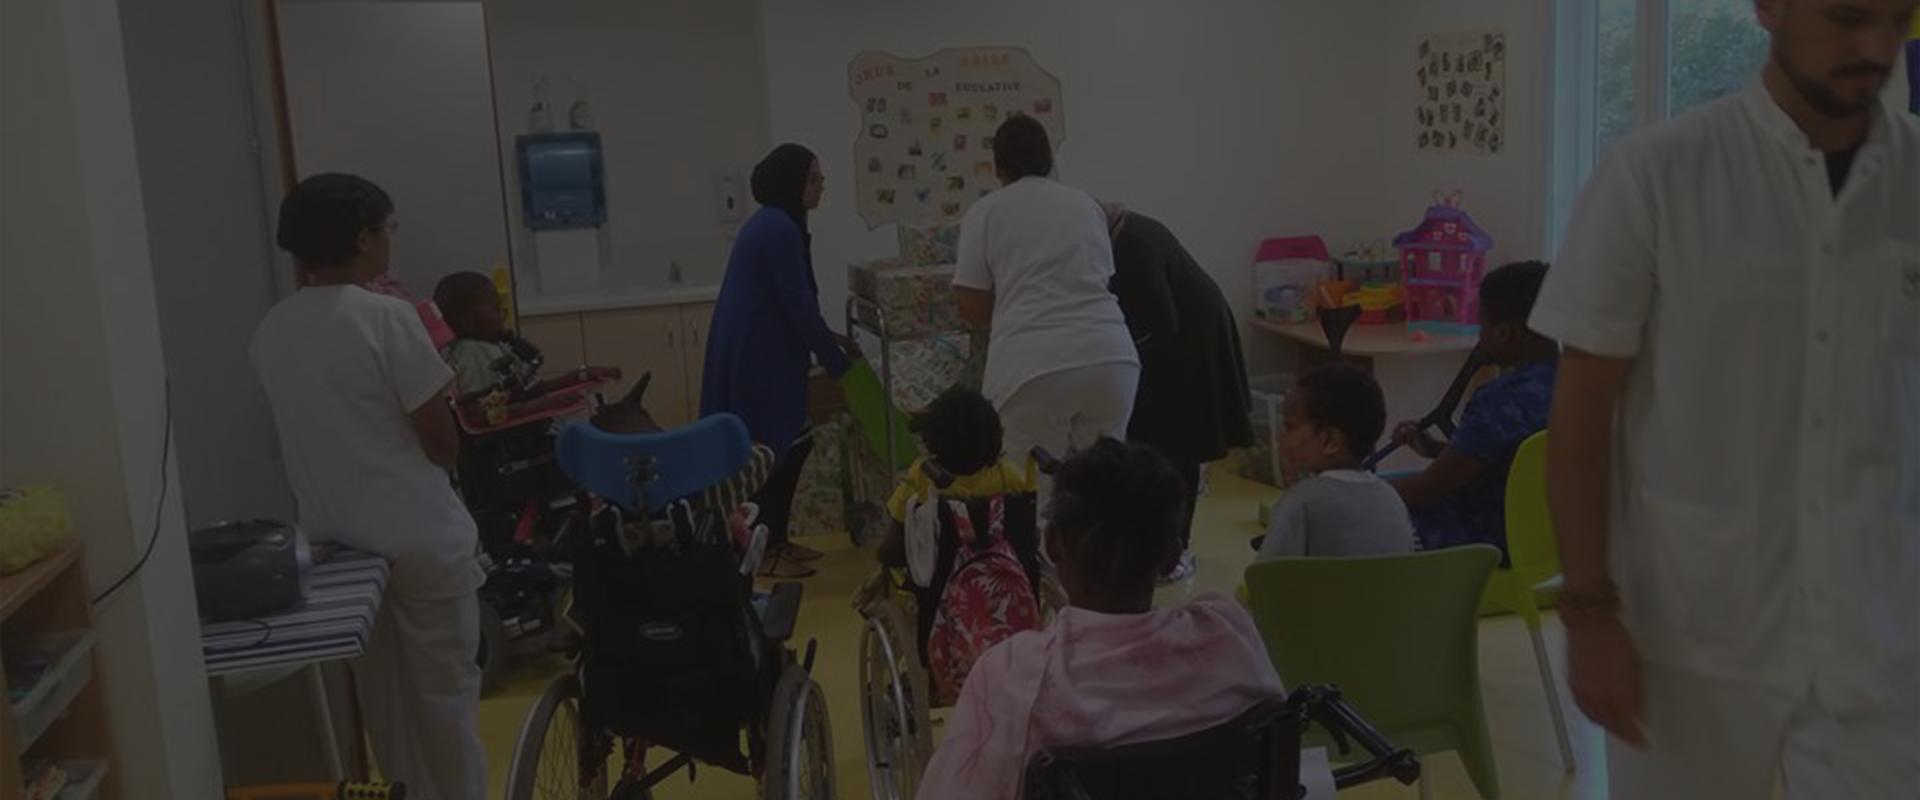 Permalink to: Opération partage de Kdo pour les enfants de l'hôpital des enfants